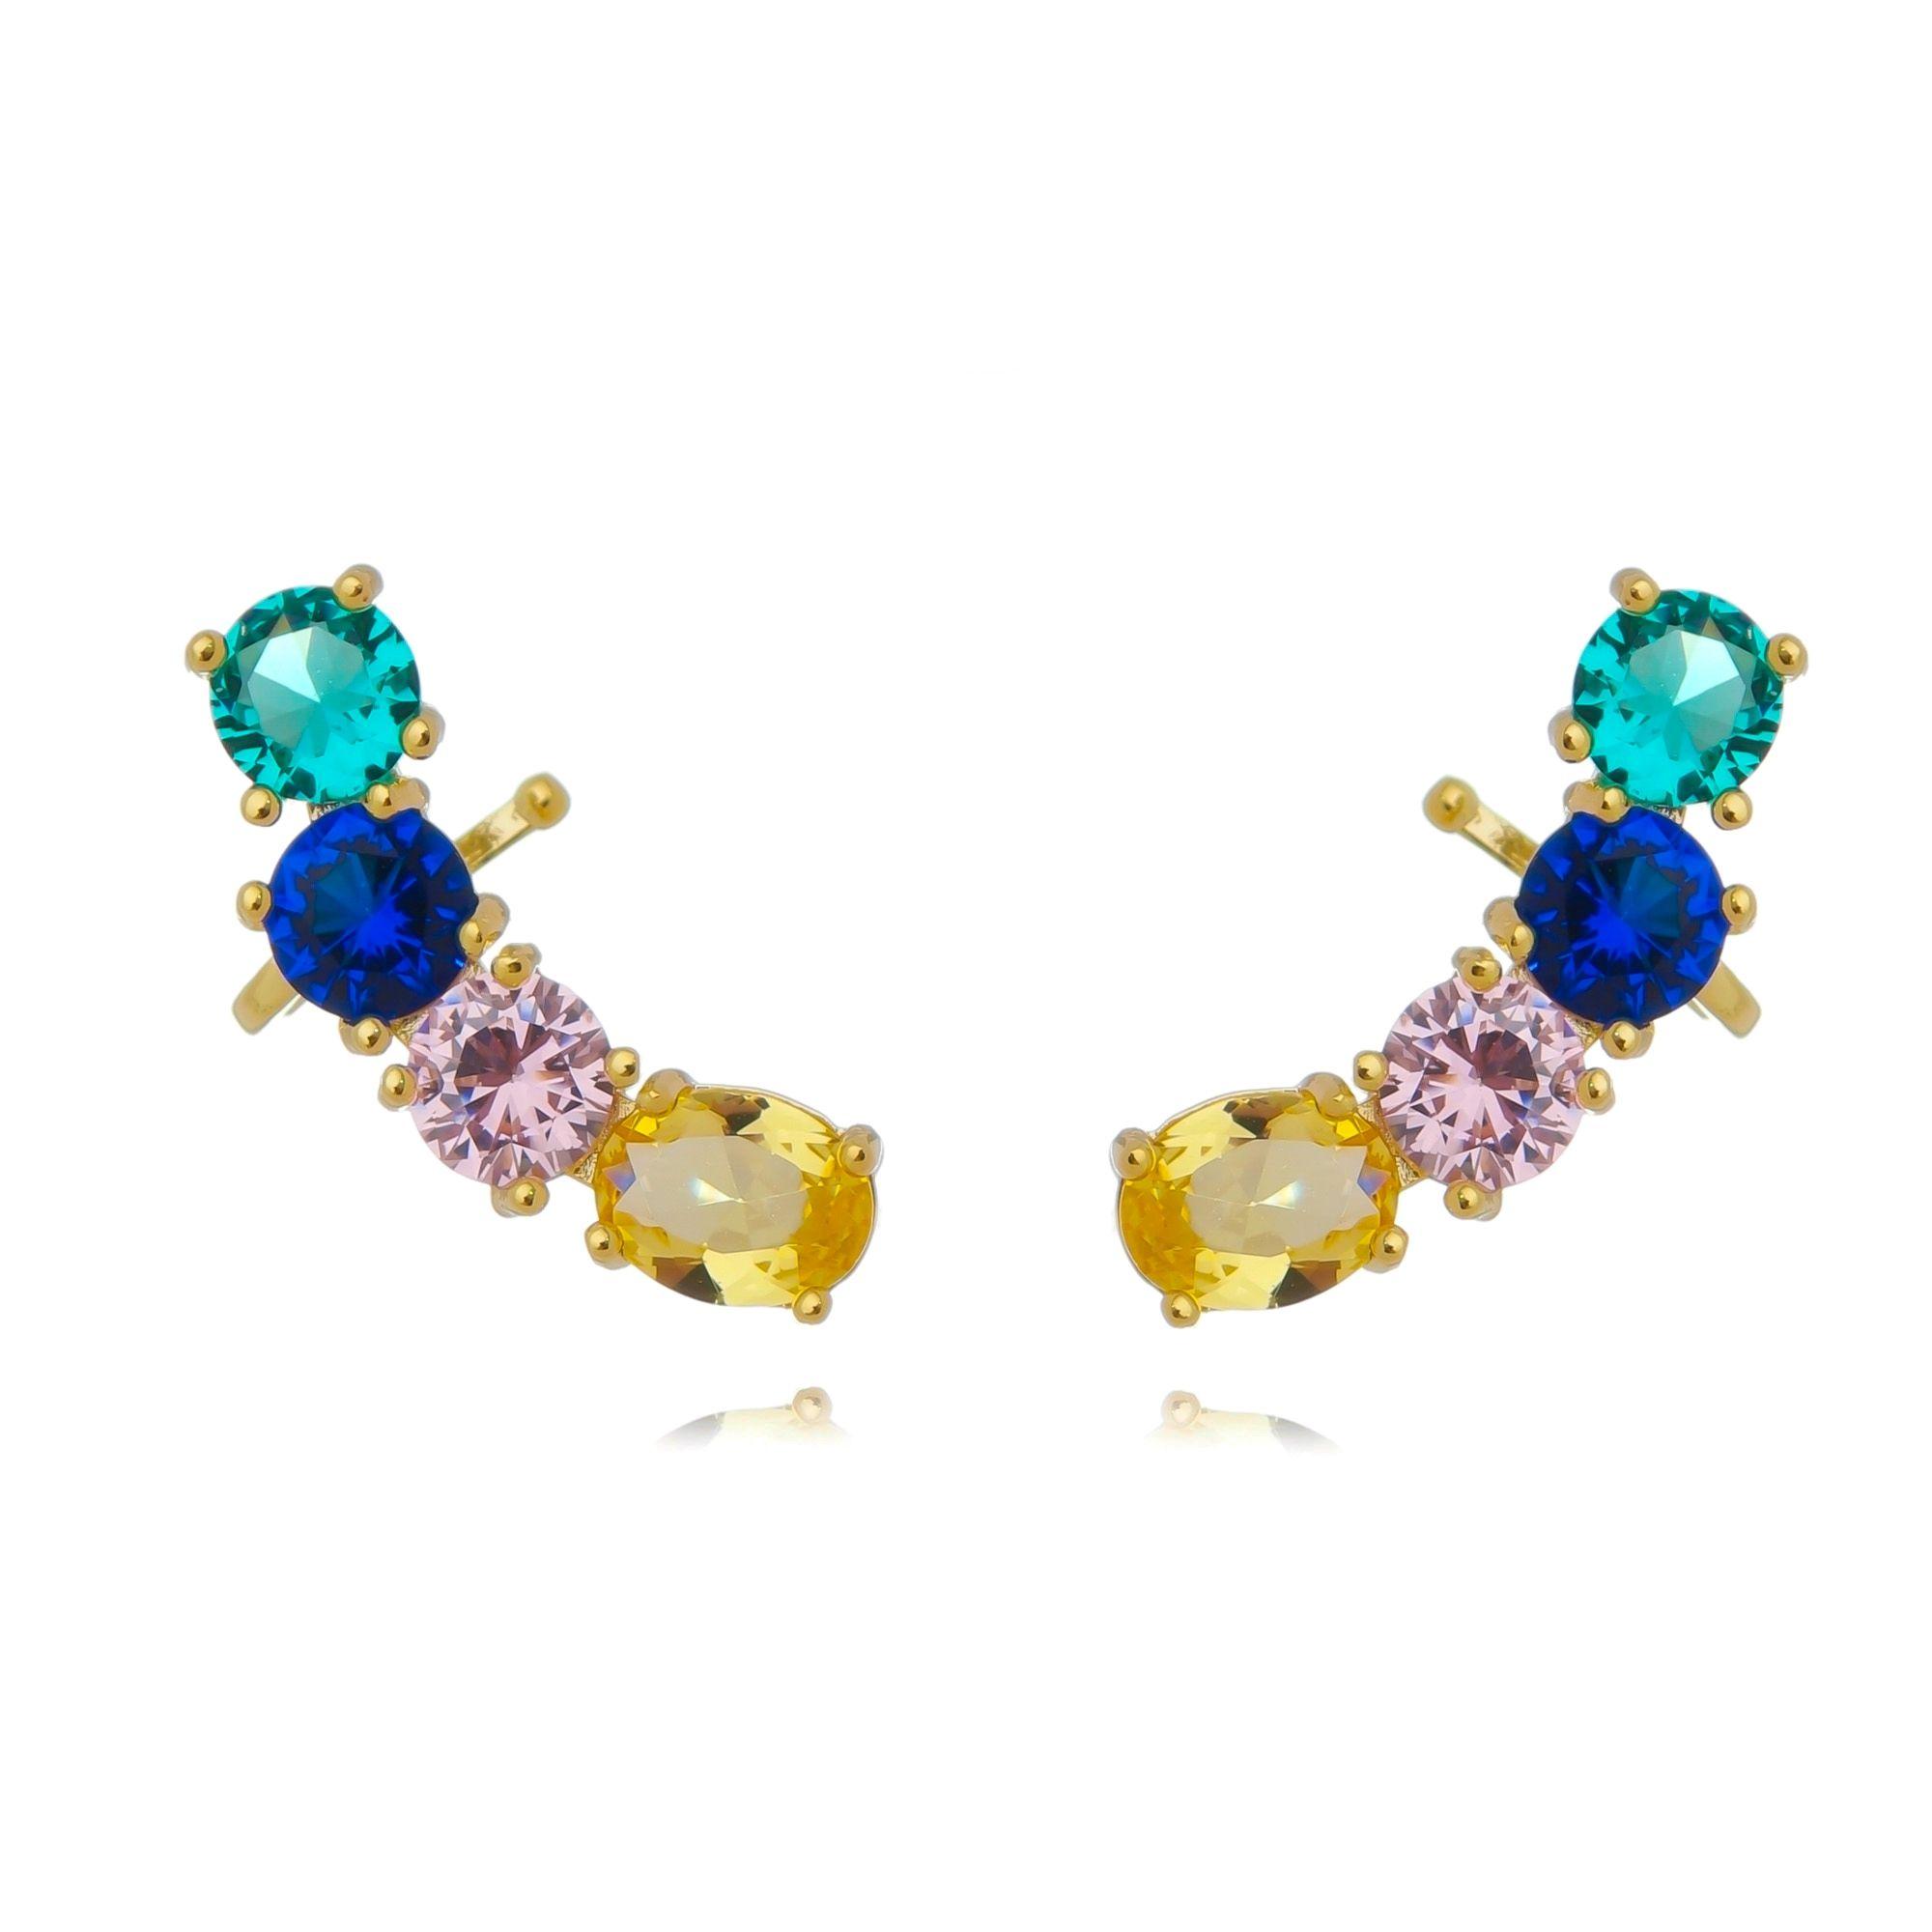 Ear Cuff Pedras Coloridas com Garra Moda Semijoia Ouro  - Soloyou